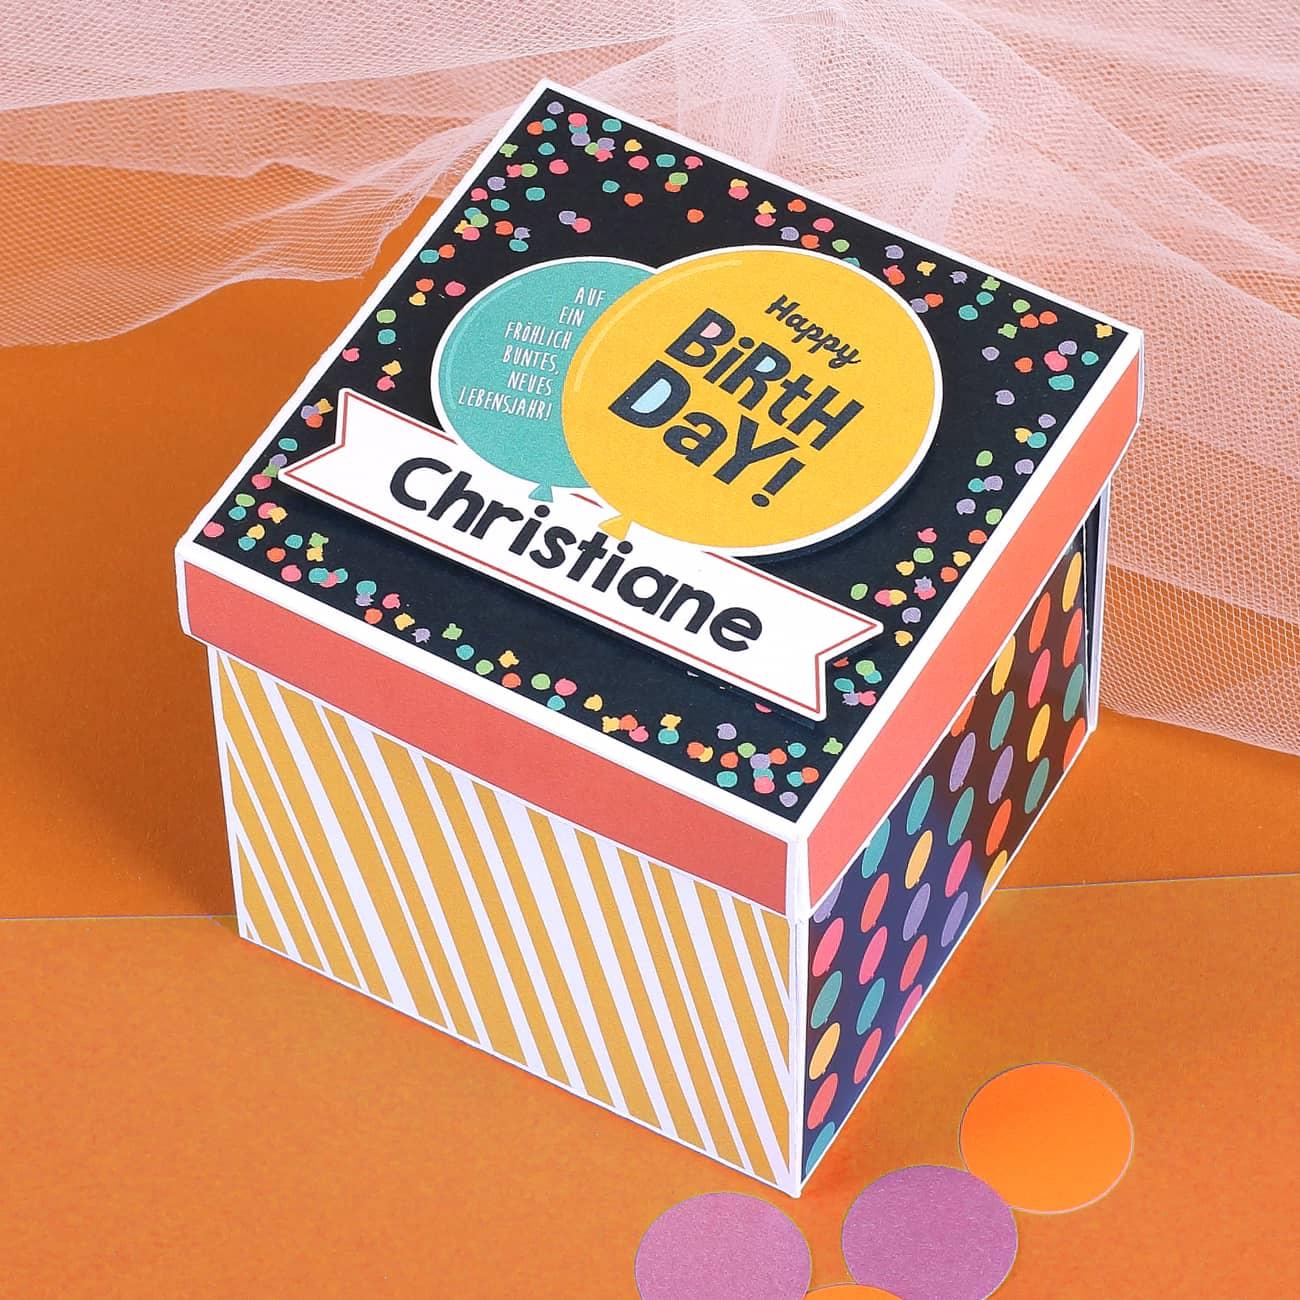 Geldgeschenke zum 50. Geburtstag | Humorvoll und dekorativ